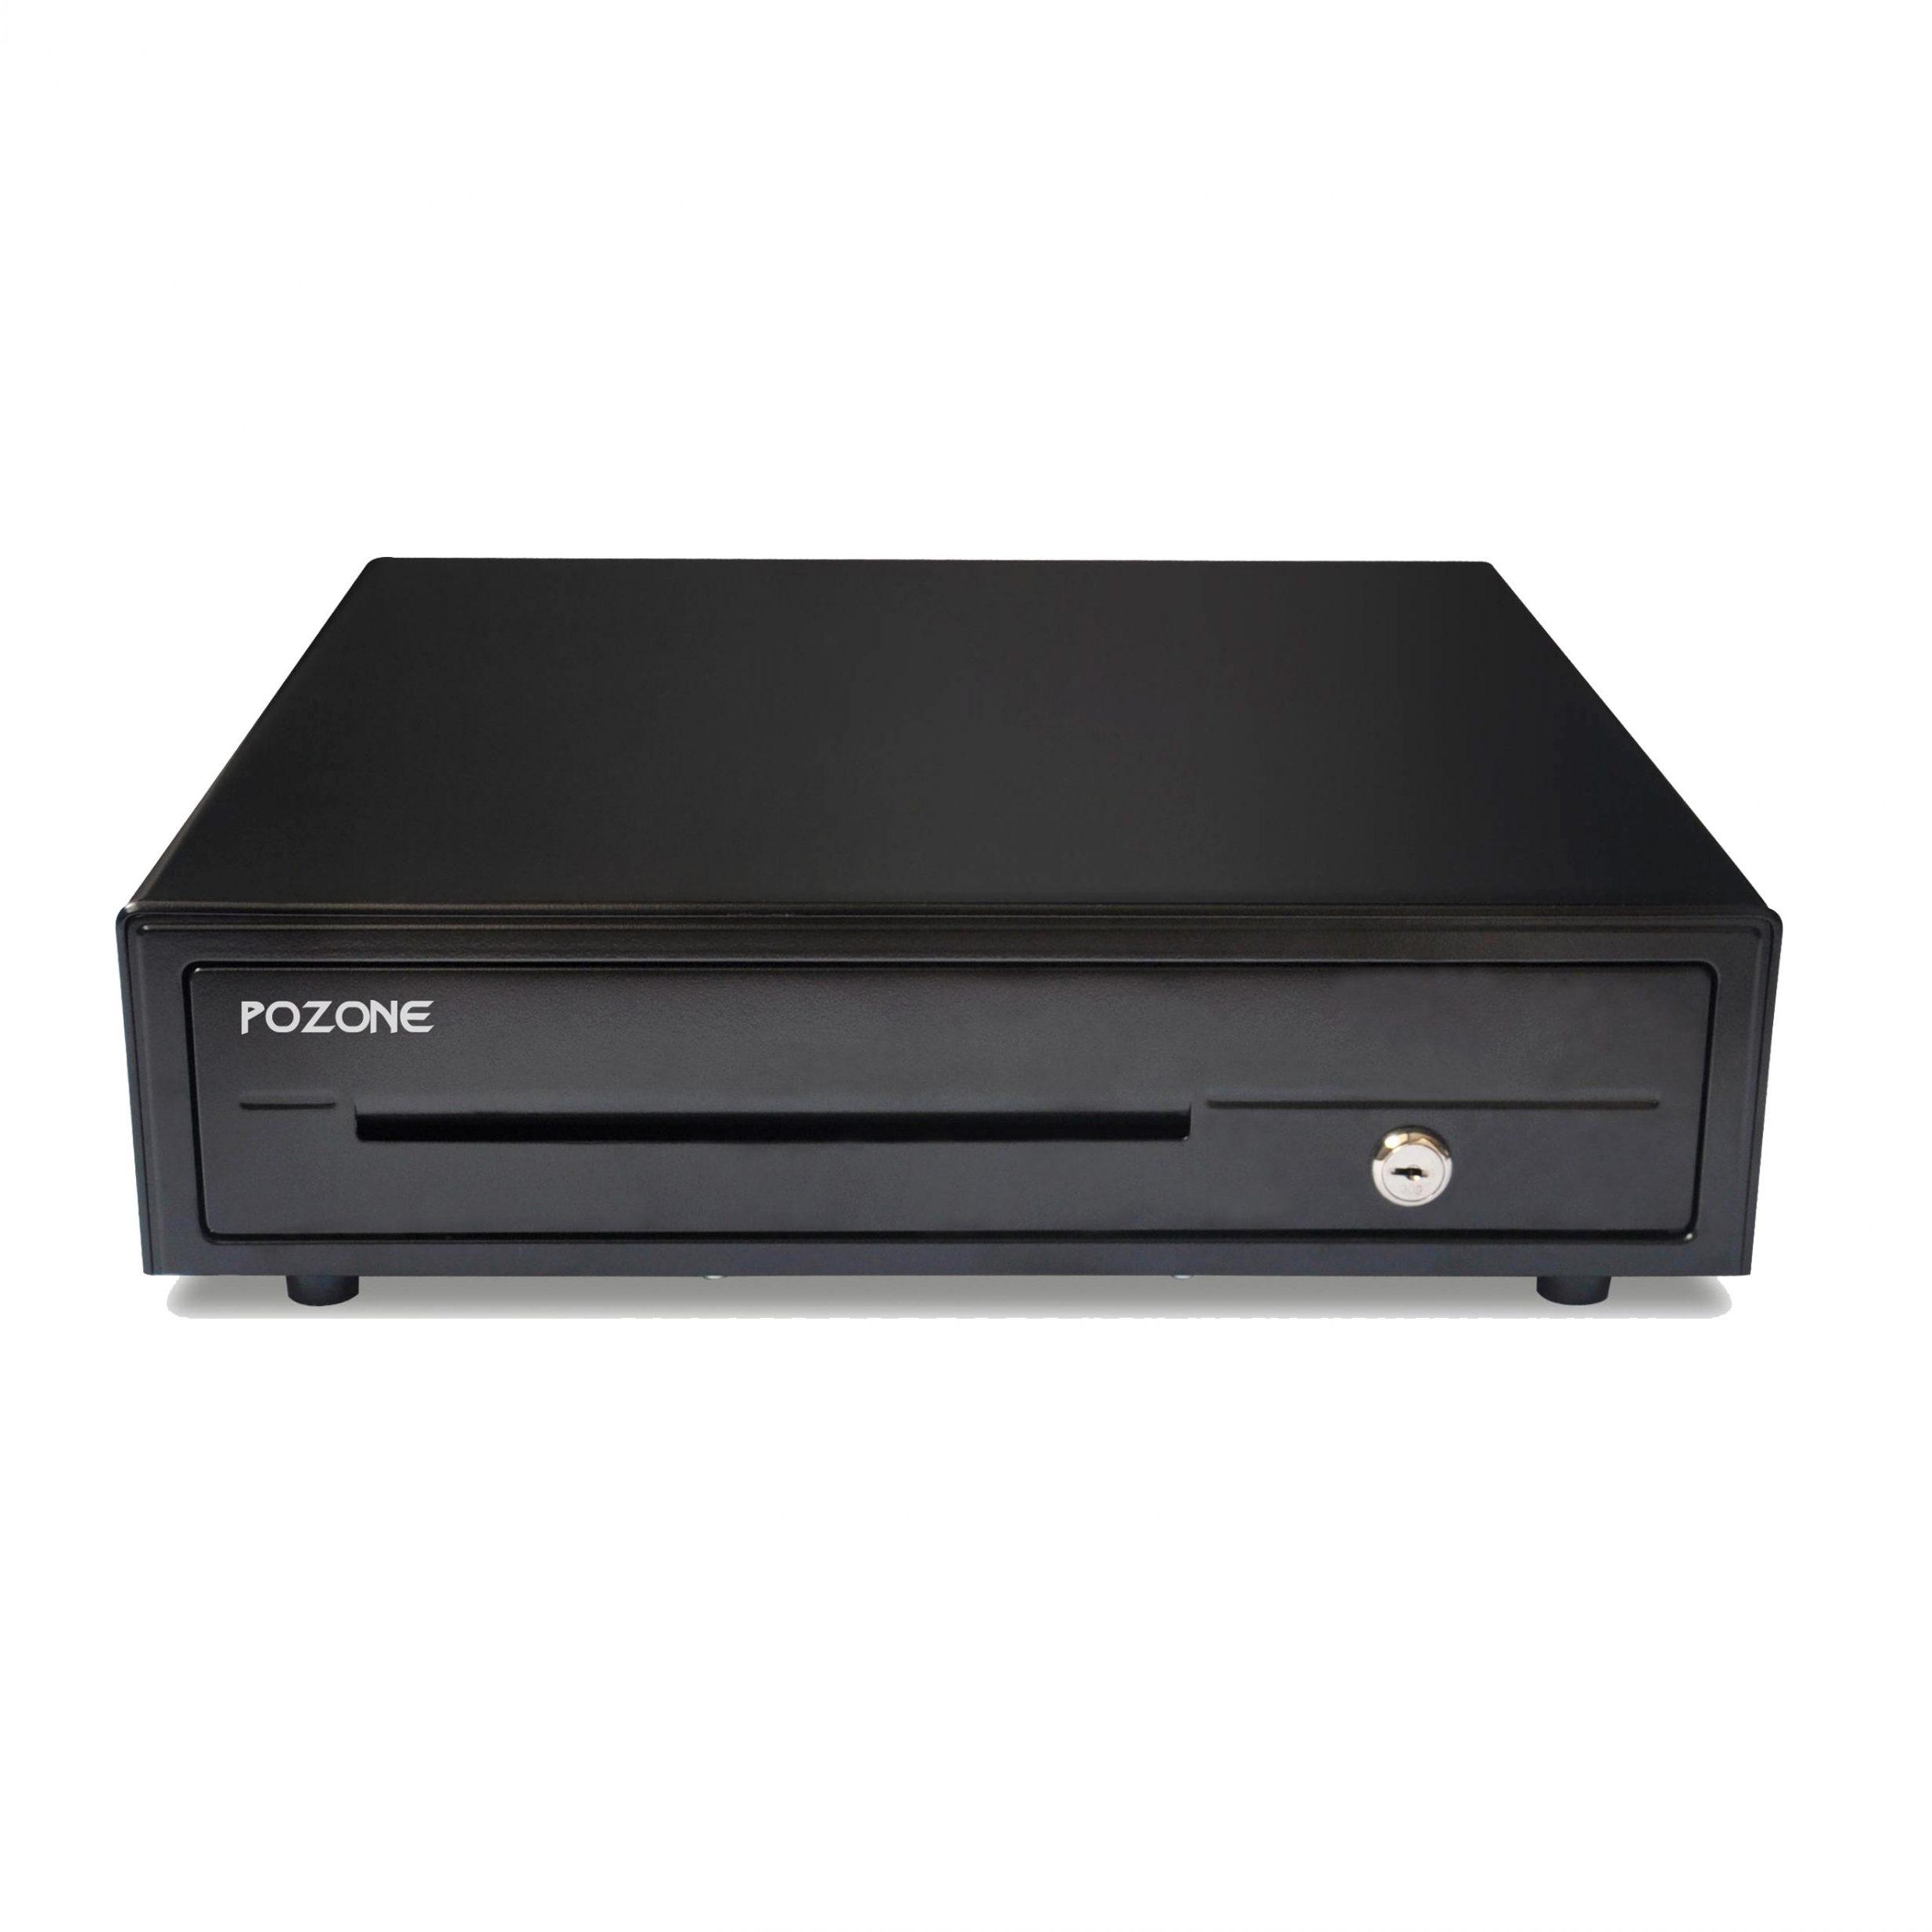 POZONE PCD4100